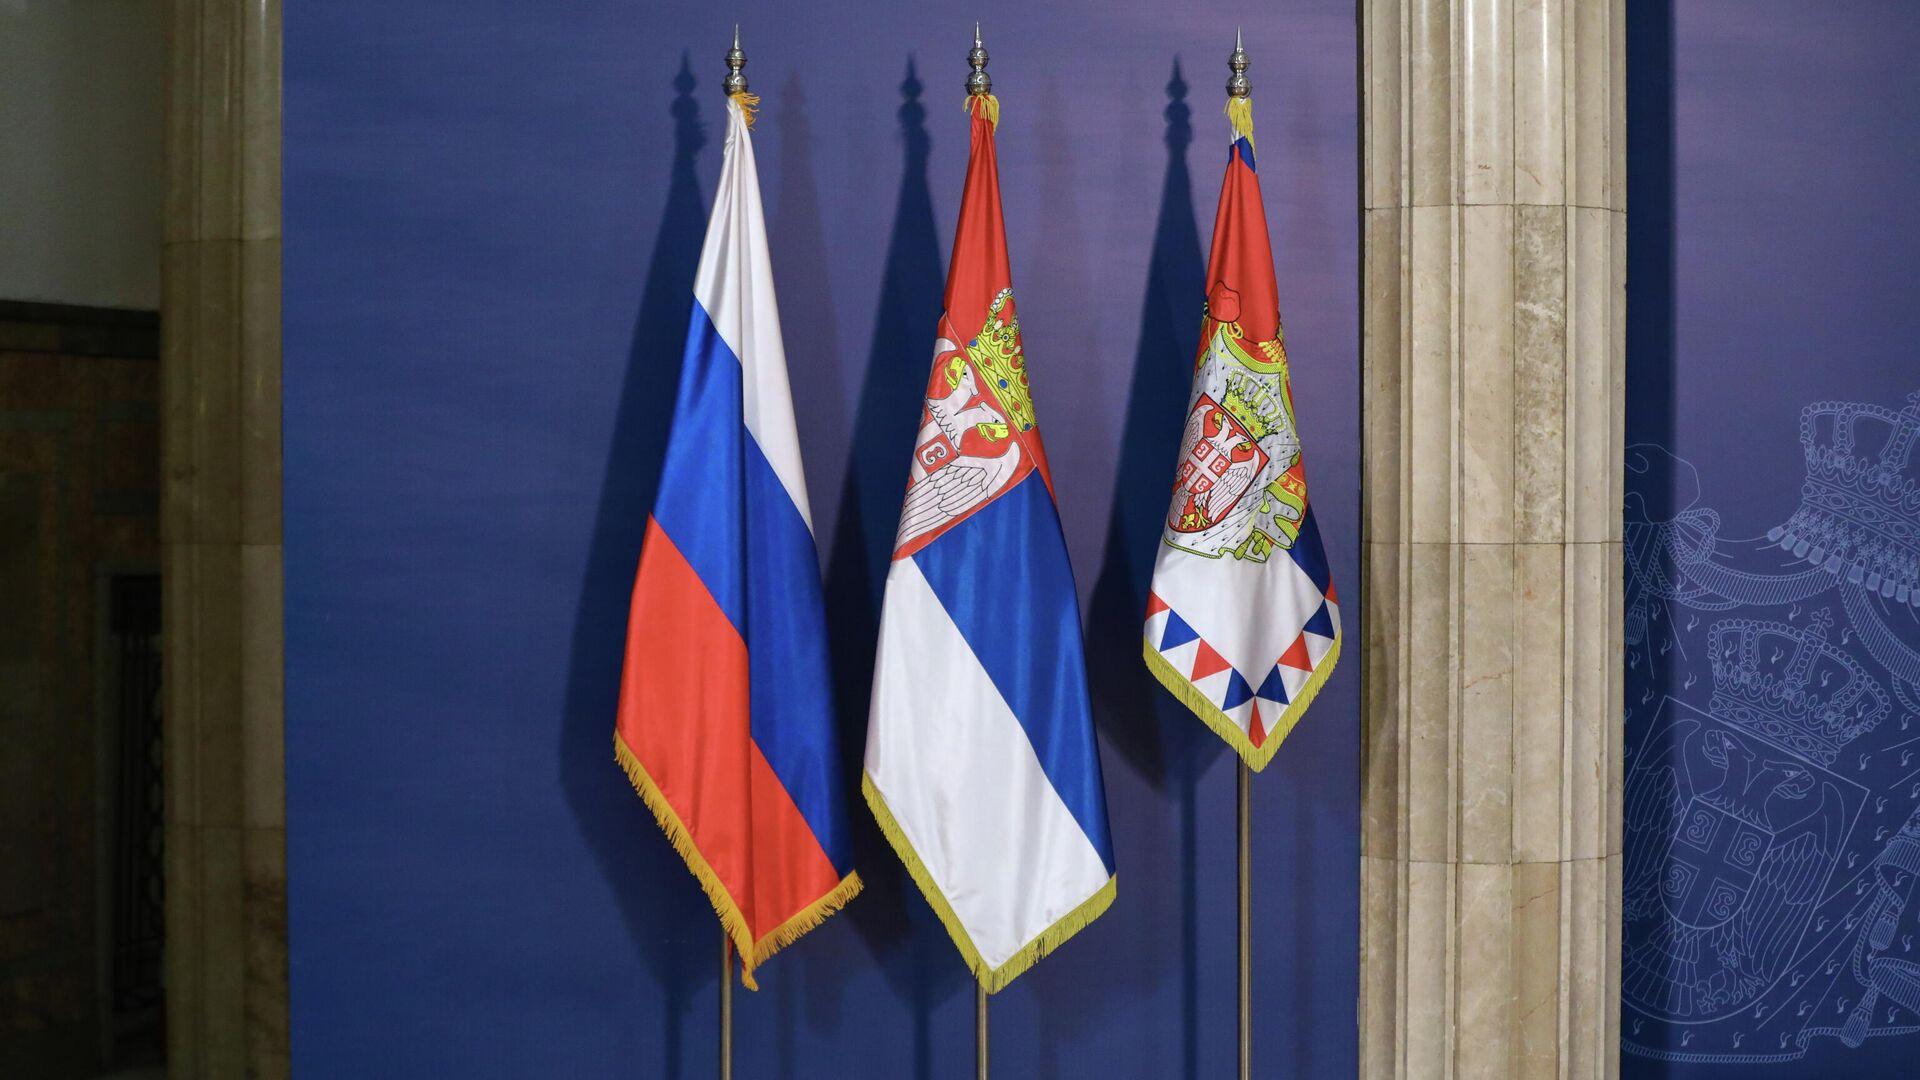 Σερβία - Ρωσία - Sputnik Ελλάδα, 1920, 11.10.2021